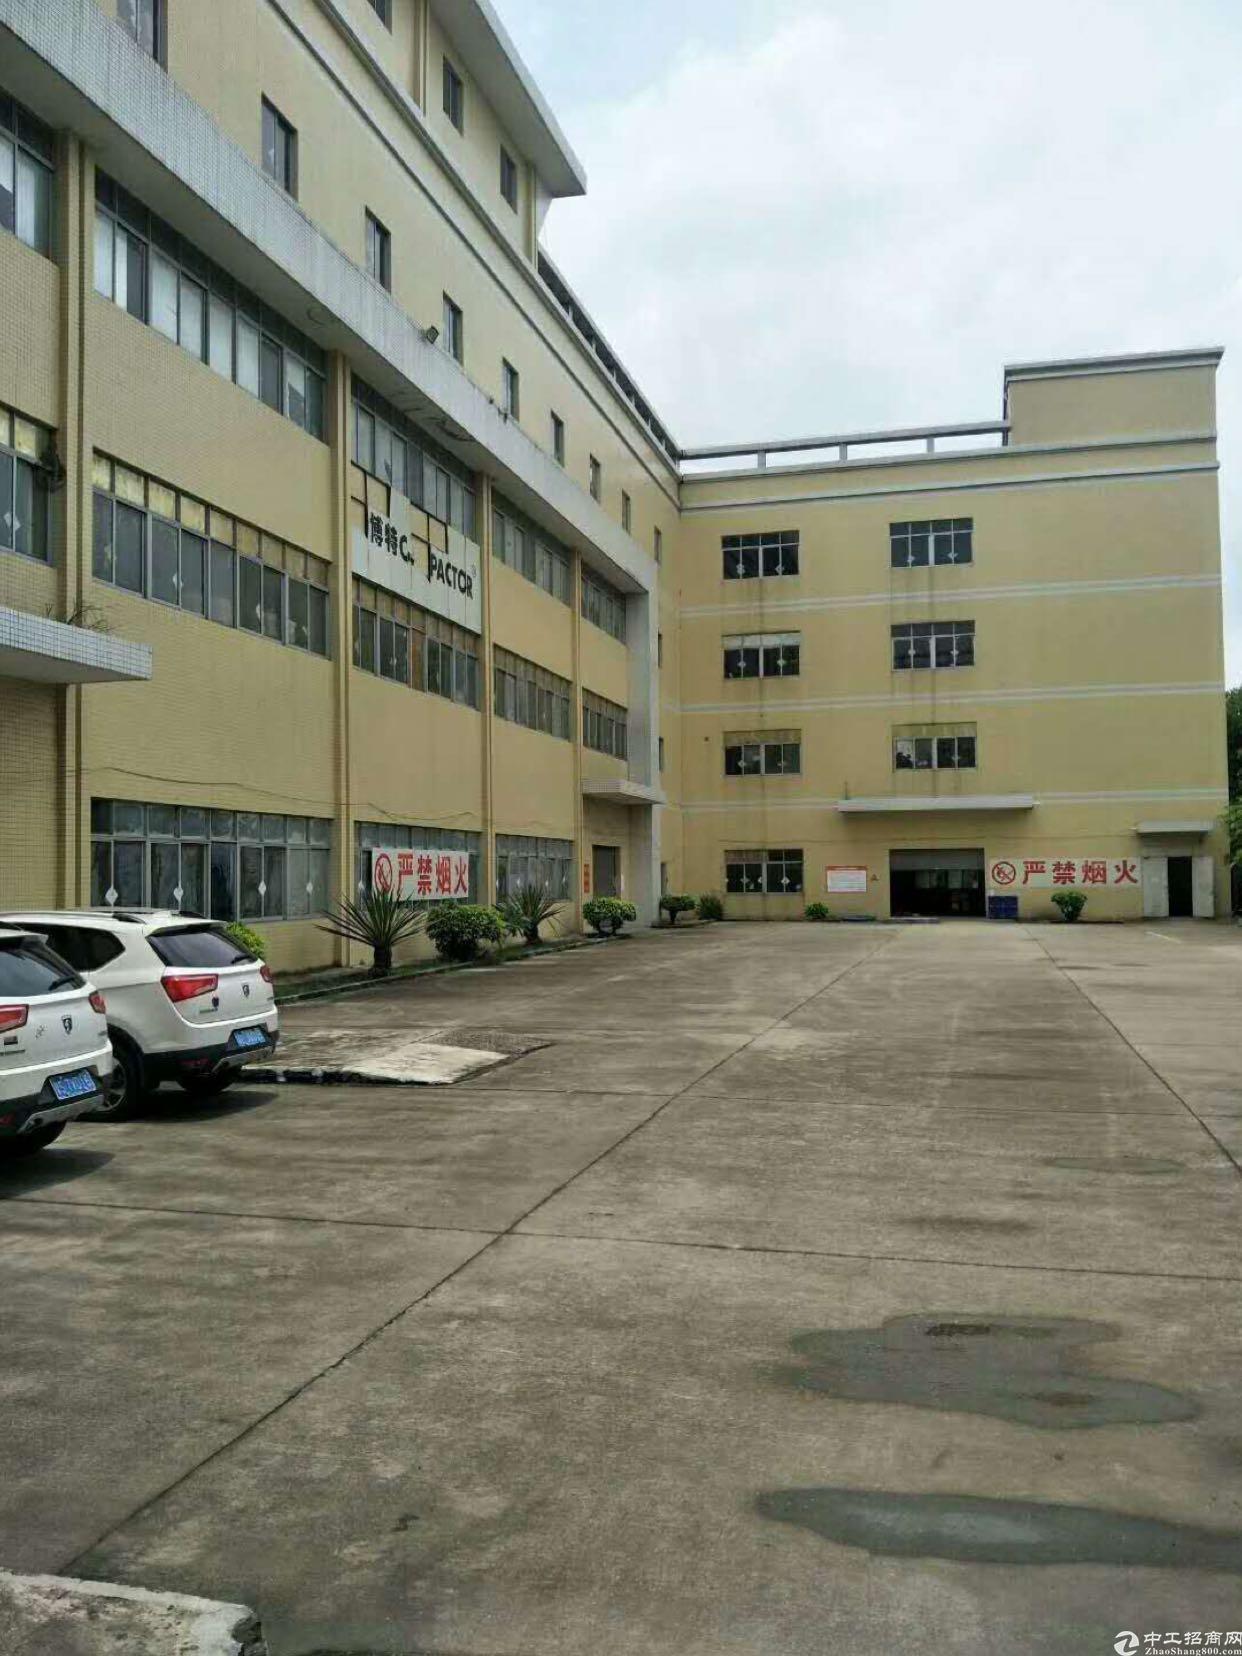 万江新出大型工业园区一楼厂房出租,交通便利!适合各种加工行业